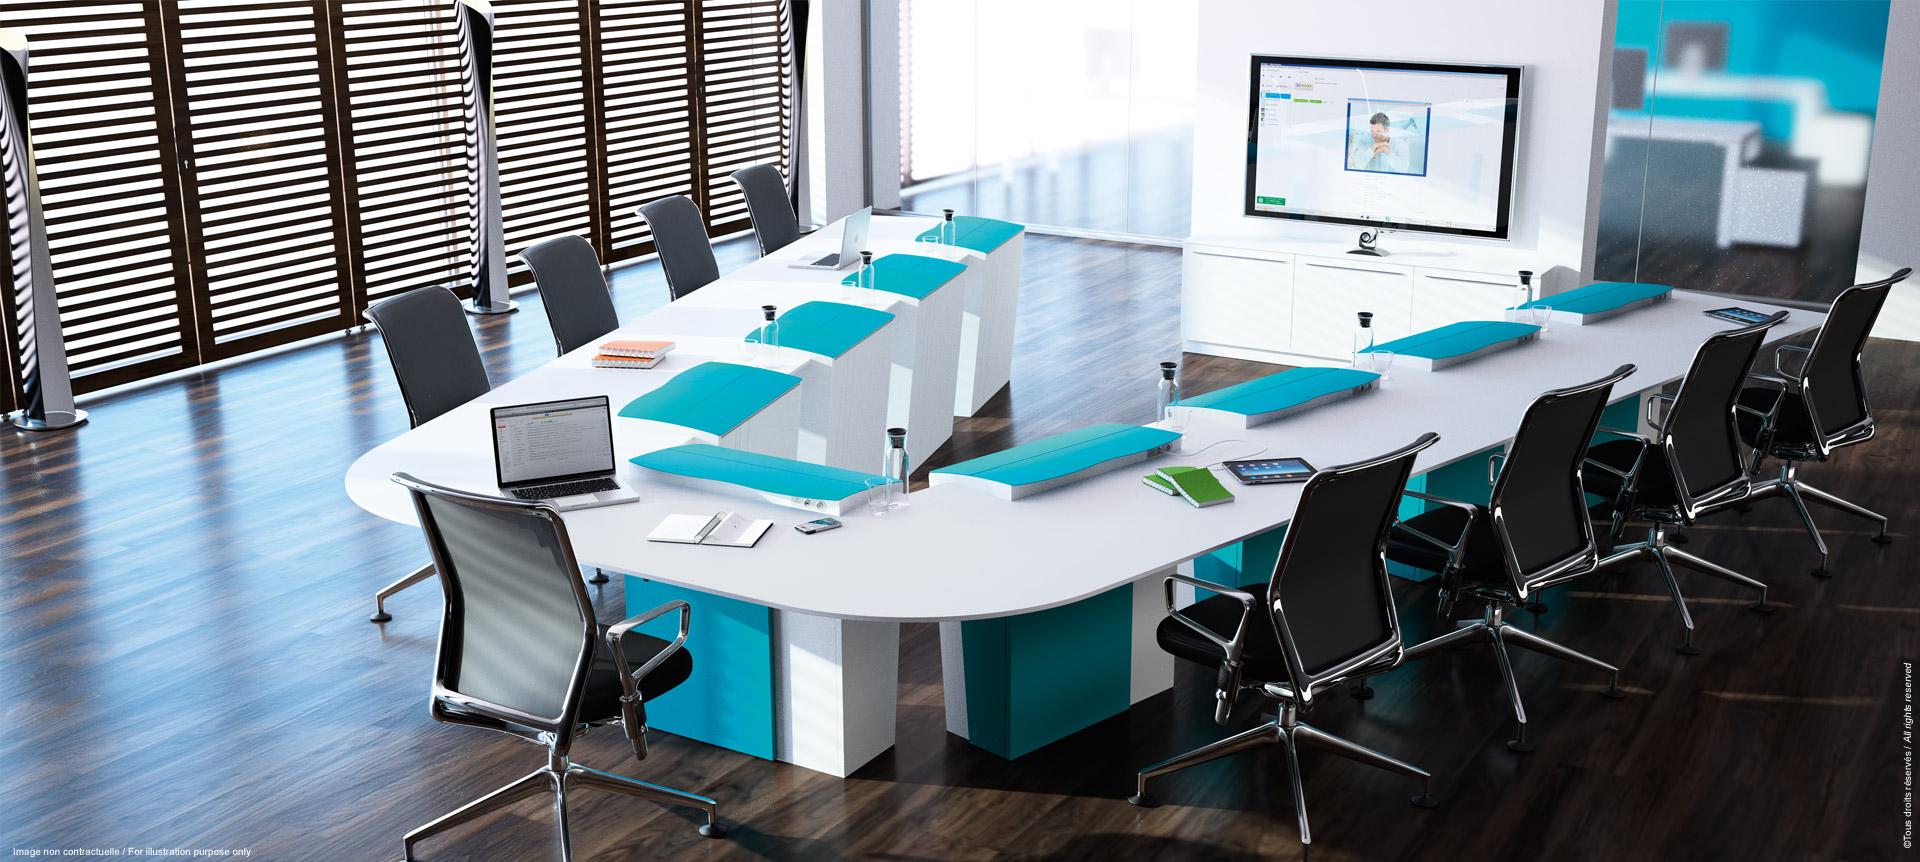 I-RISE - table de réunion polyvalente avec écrans escamotables